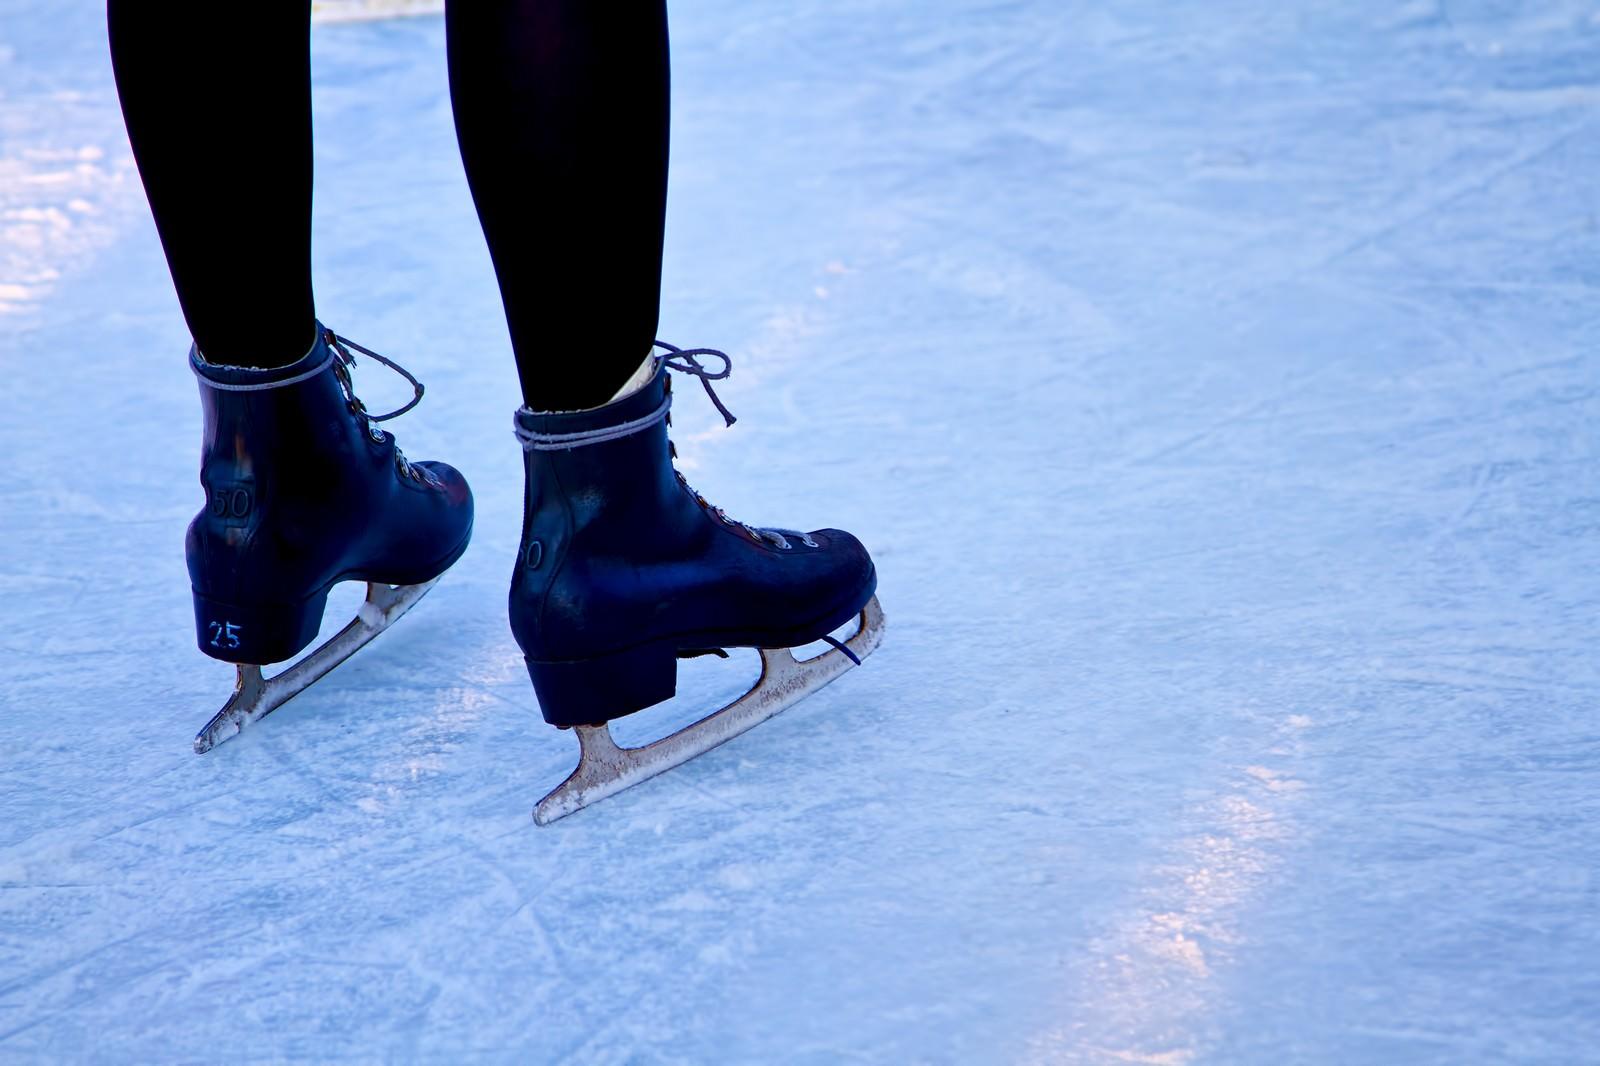 「アイススケートと足アイススケートと足」のフリー写真素材を拡大